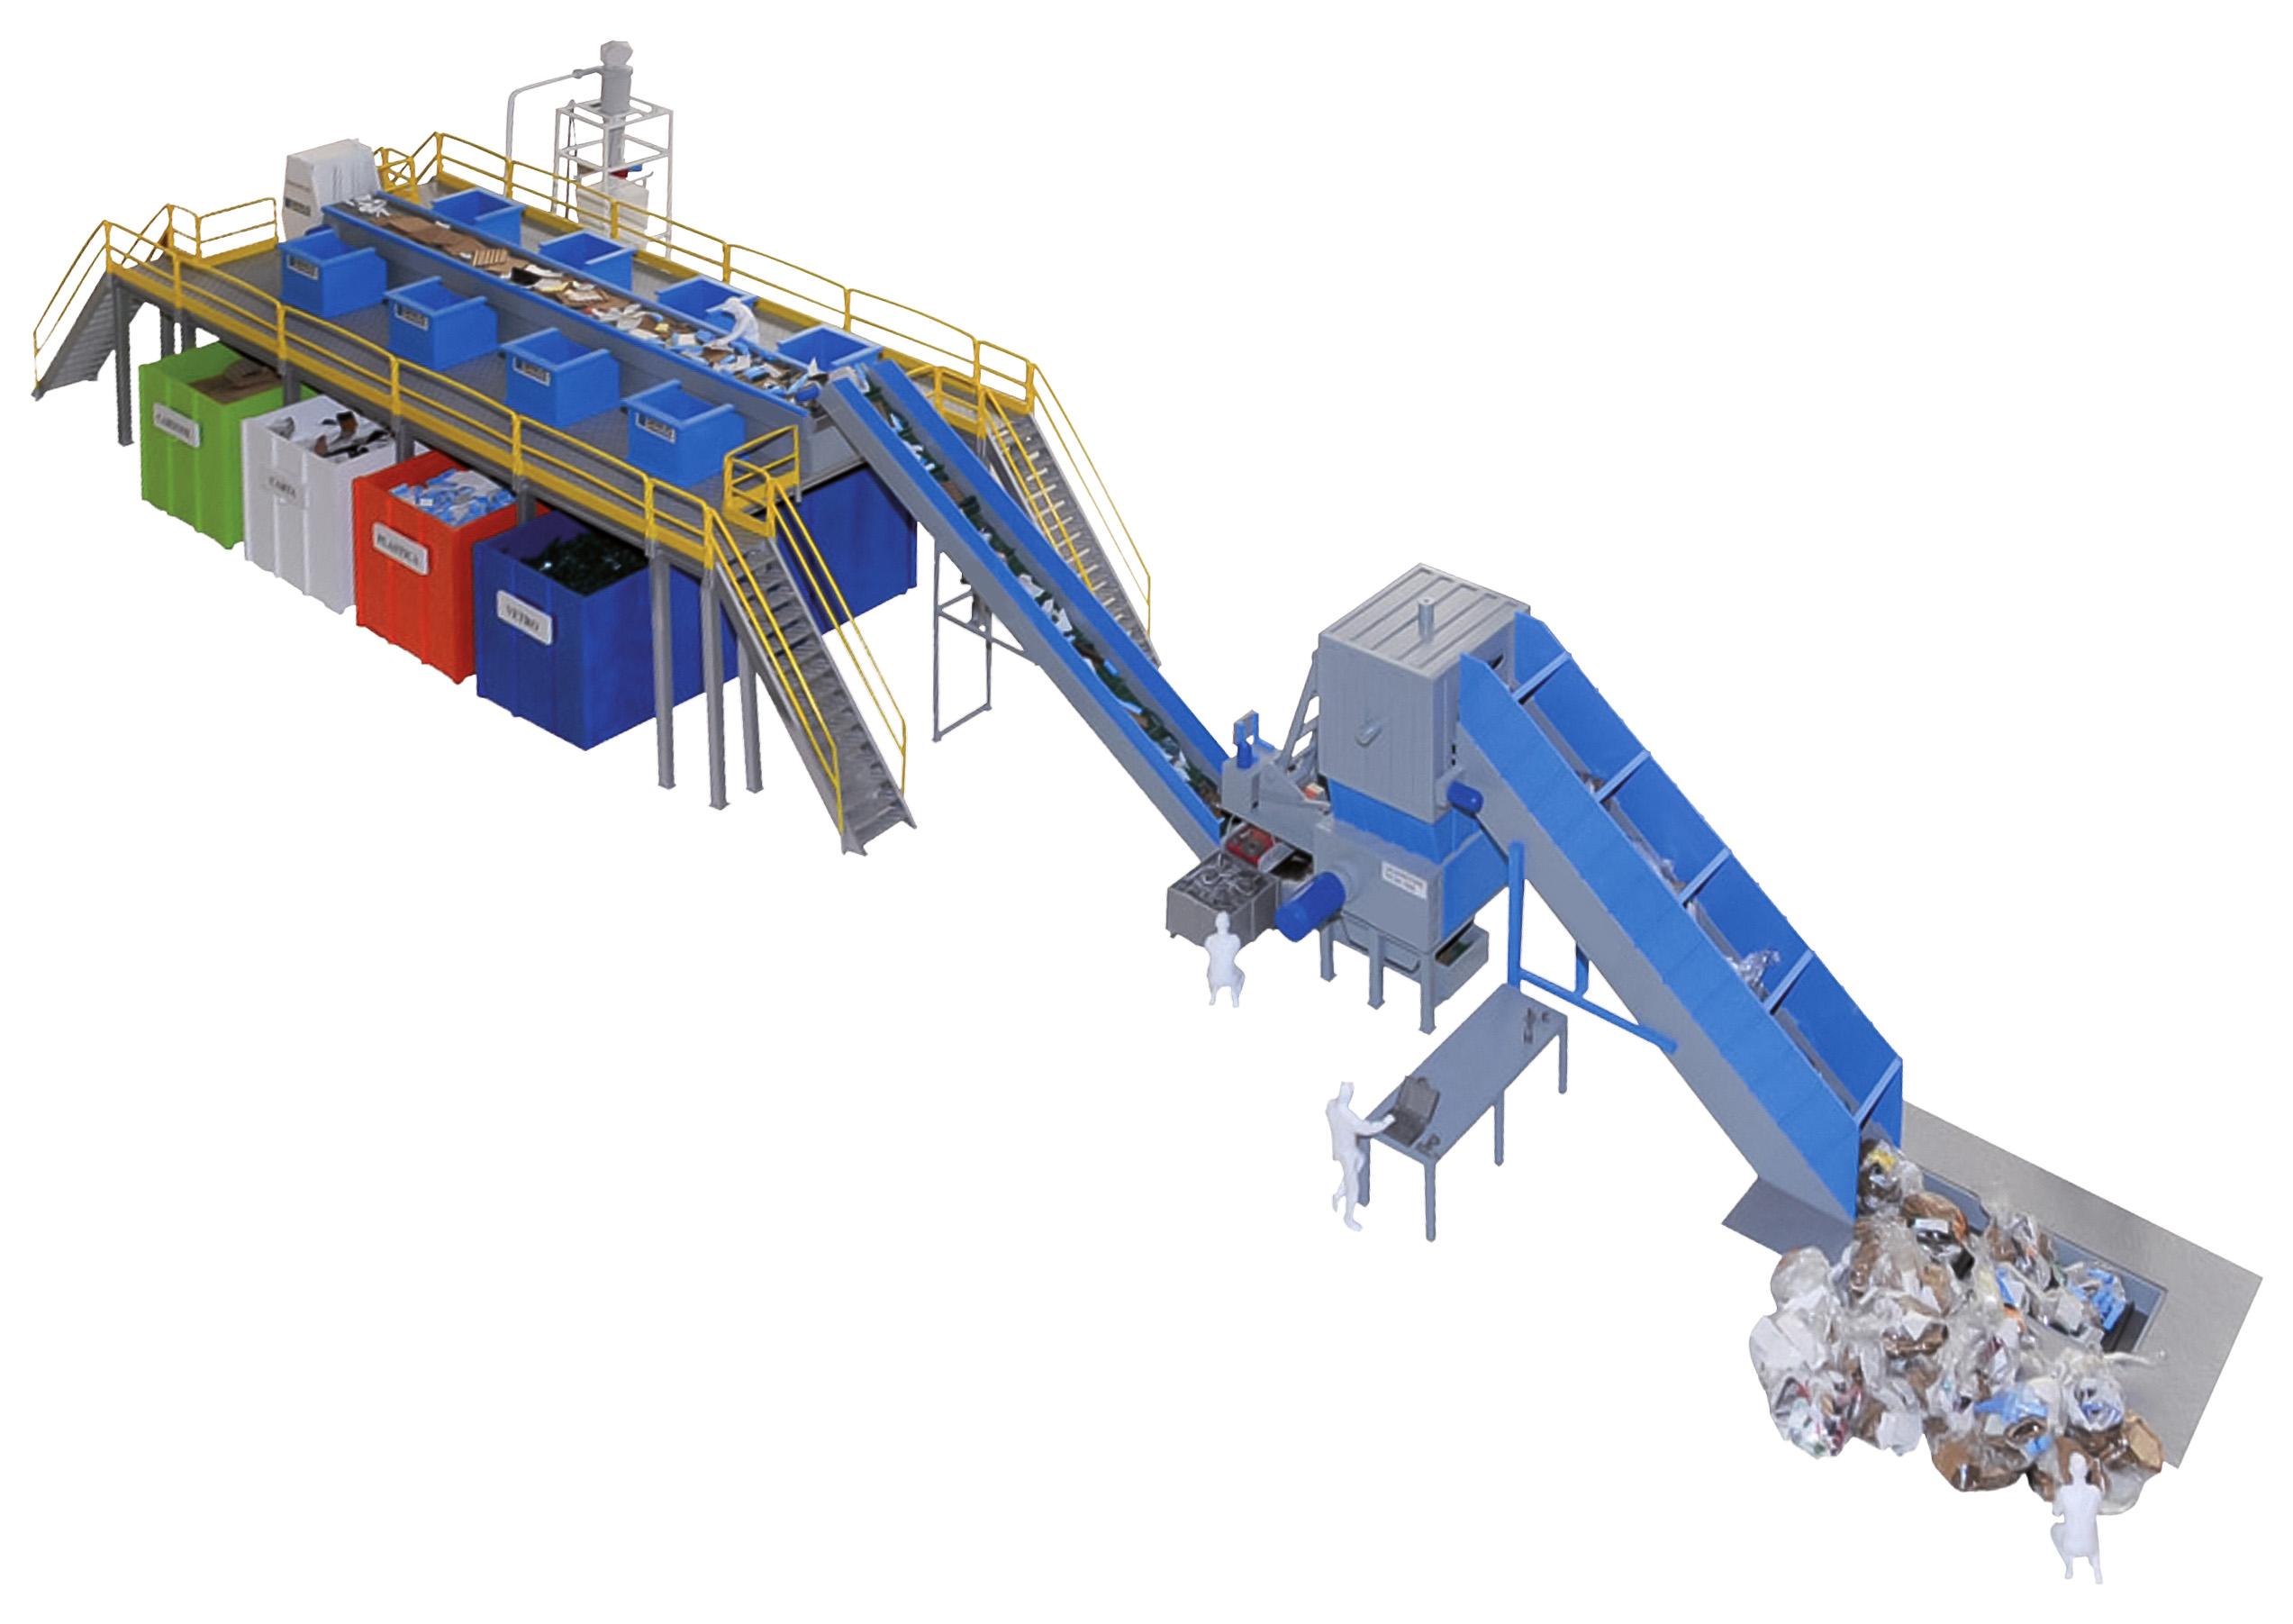 Estação de separação de resíduos RSU